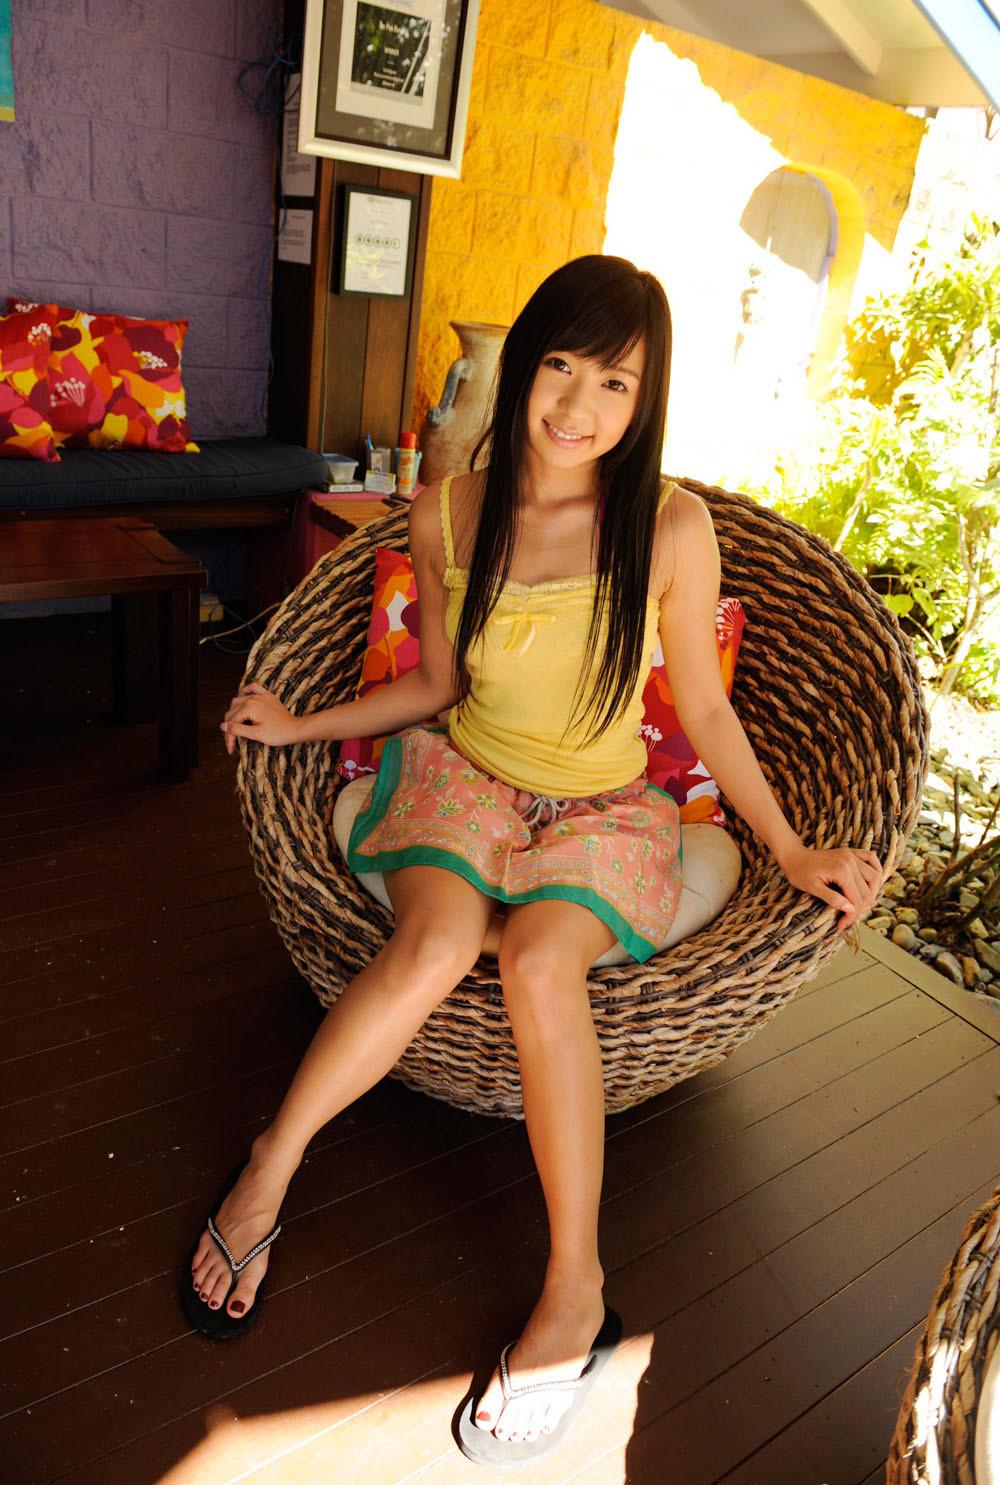 【小倉奈々エロ画像】AV界の日焼け美人といえば…美乳潮吹きのオグナナ!(;´Д`)